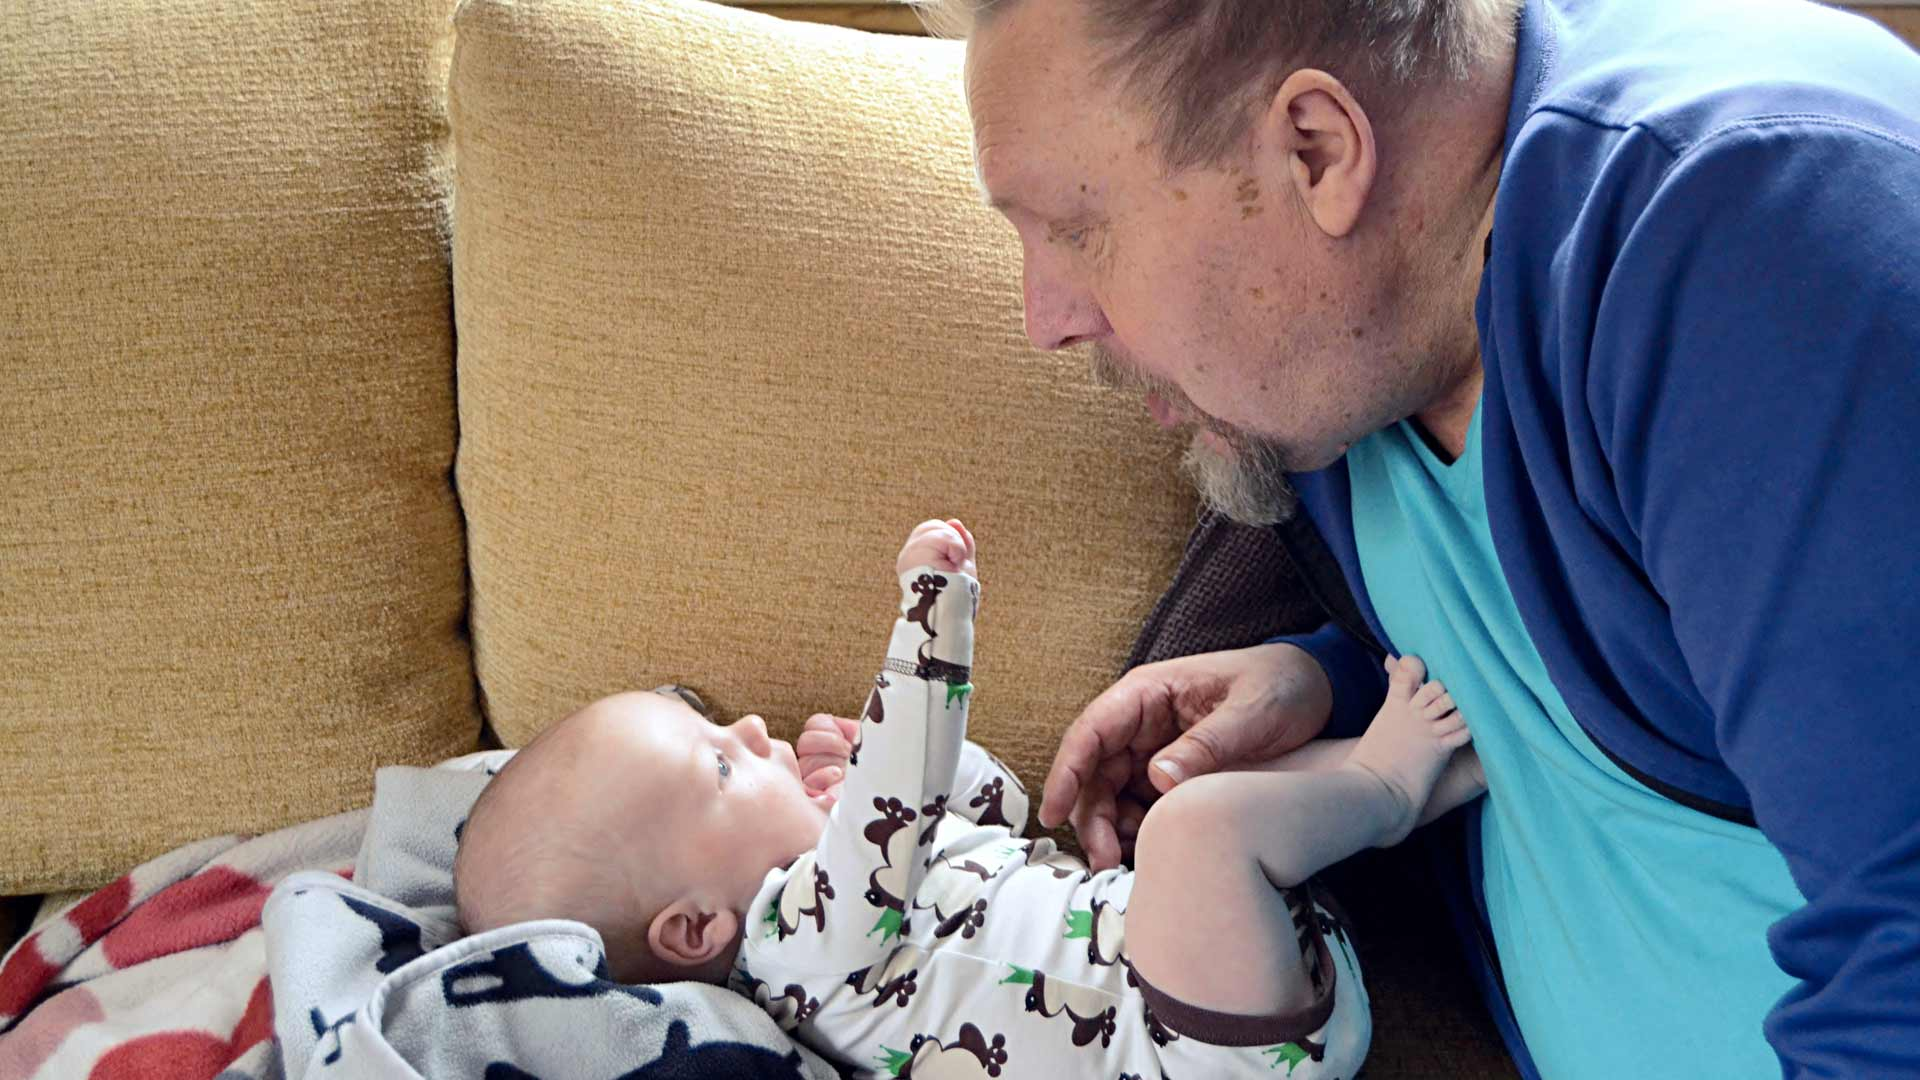 Kun Markku sairasti, tyttärenpoika Ilmari antoi vaarille voimia katsoa eteenpäin.